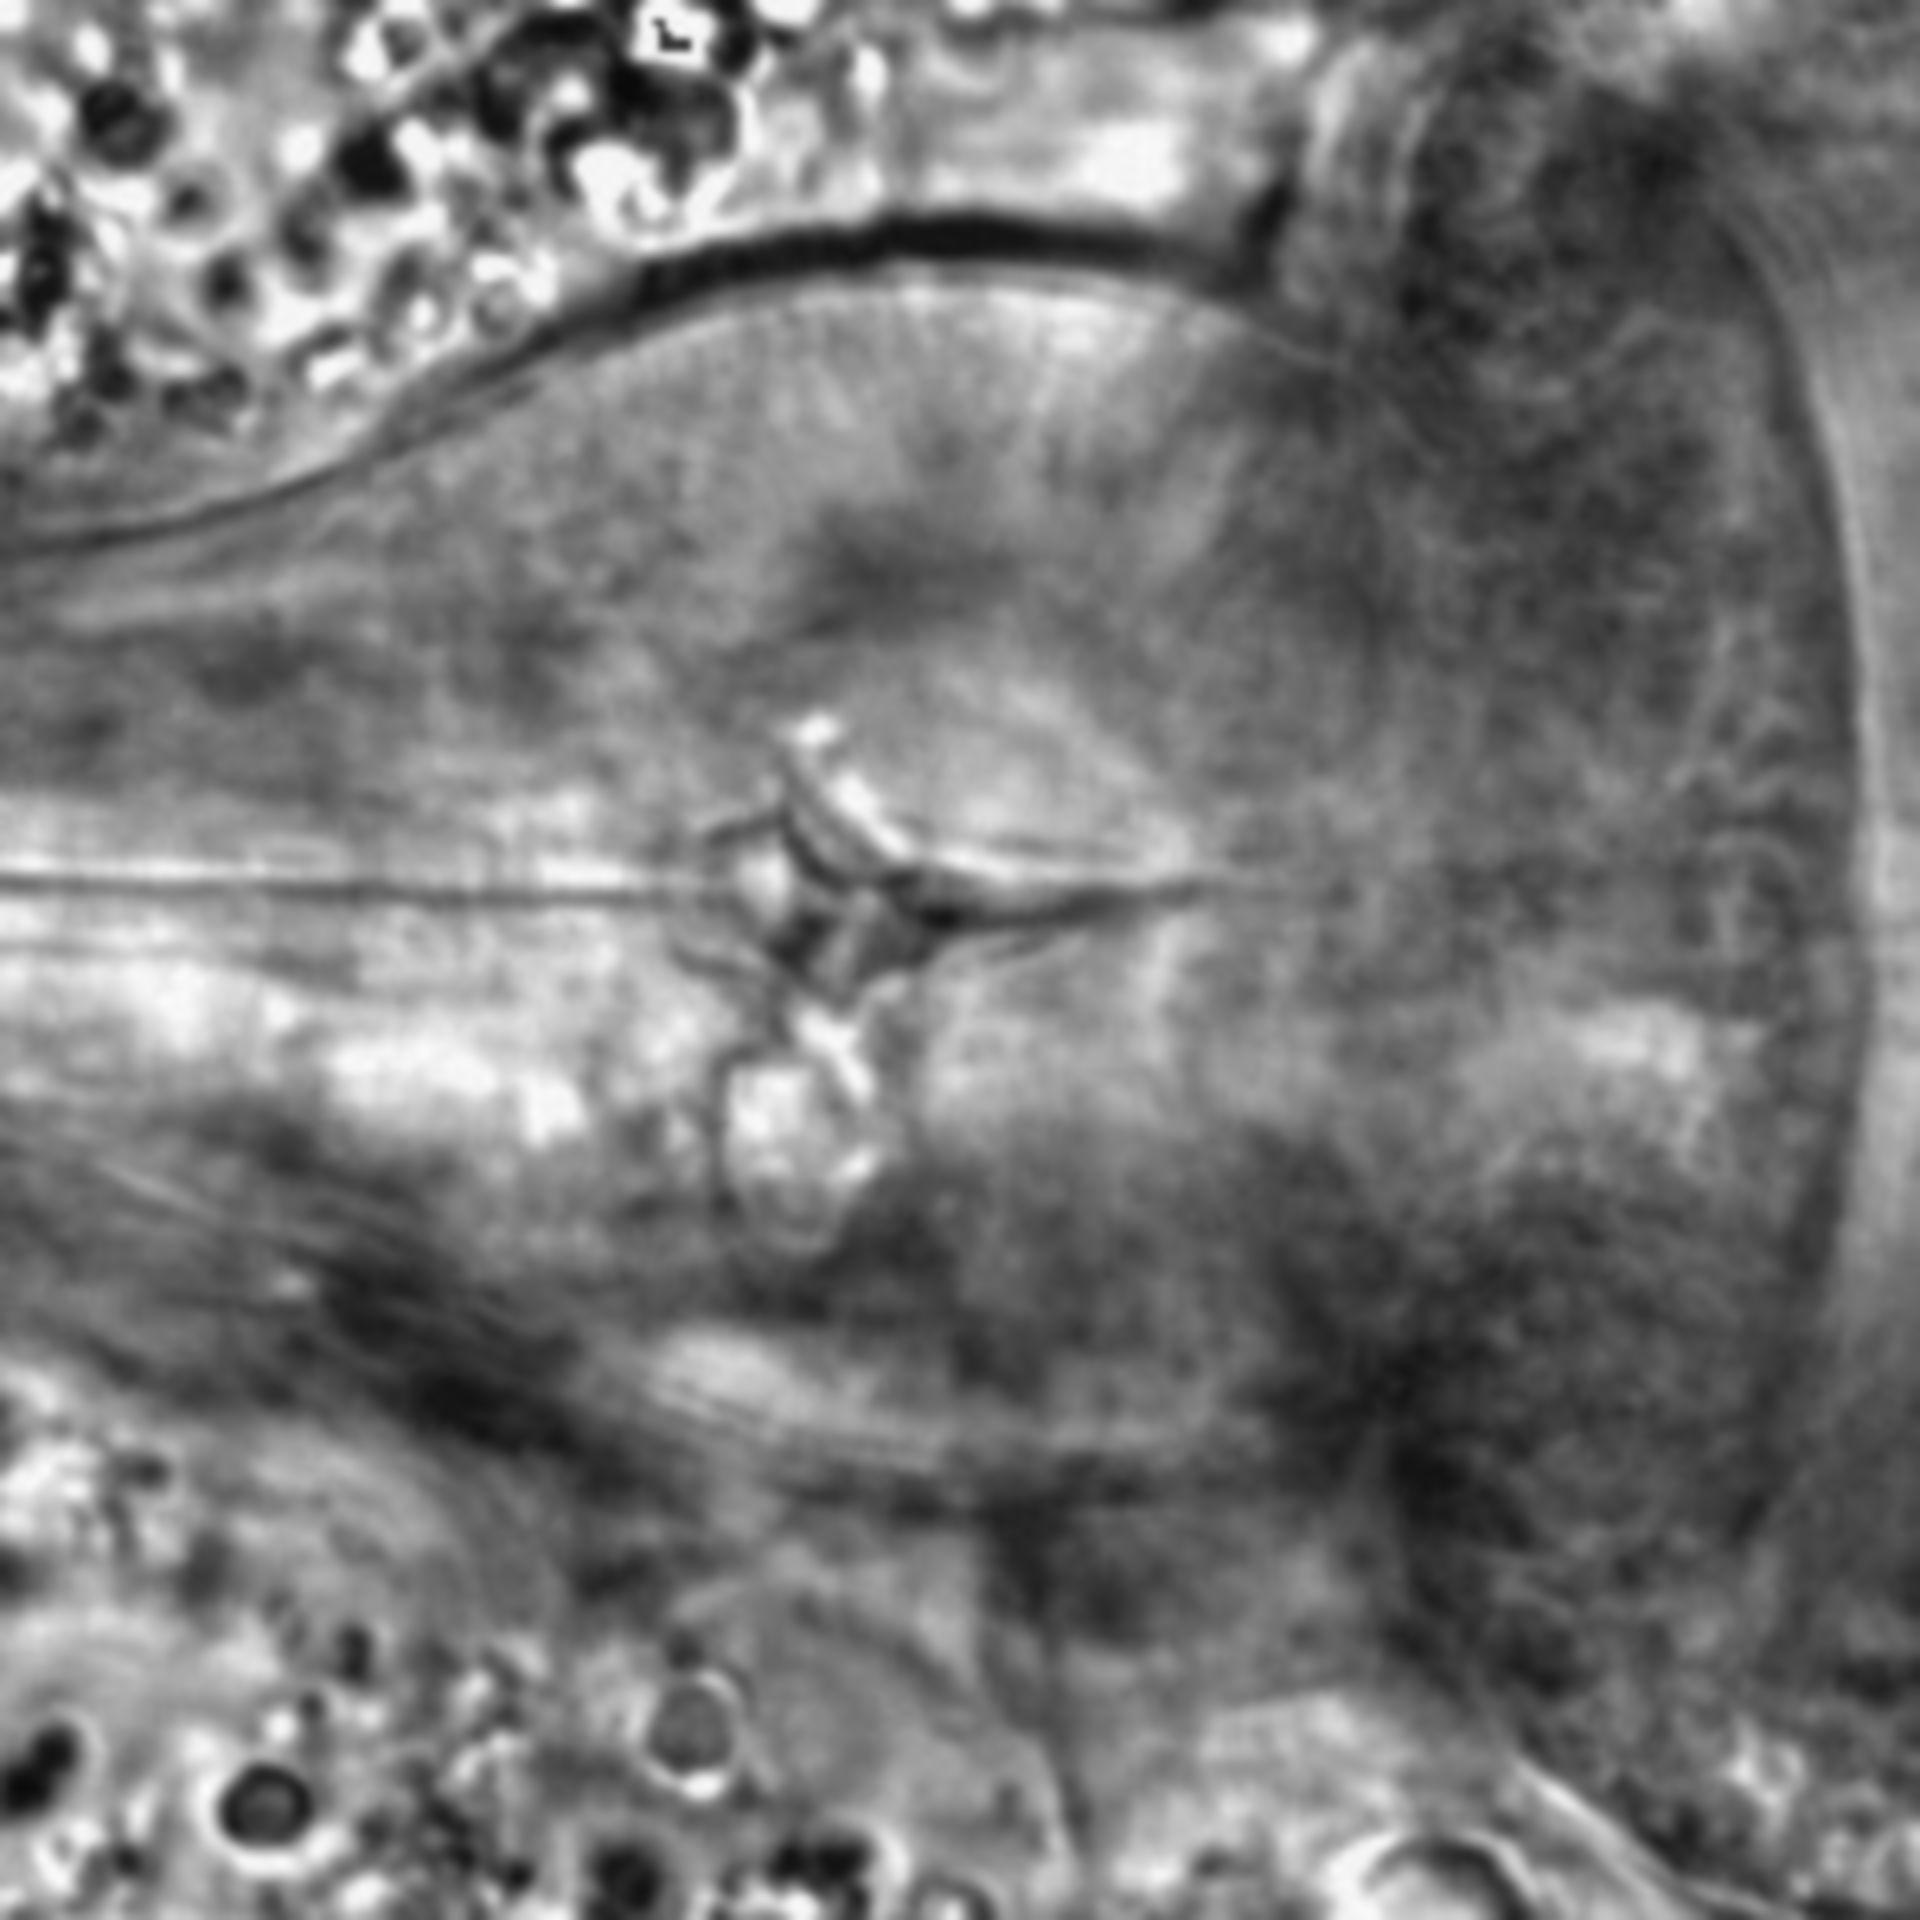 Caenorhabditis elegans - CIL:1743